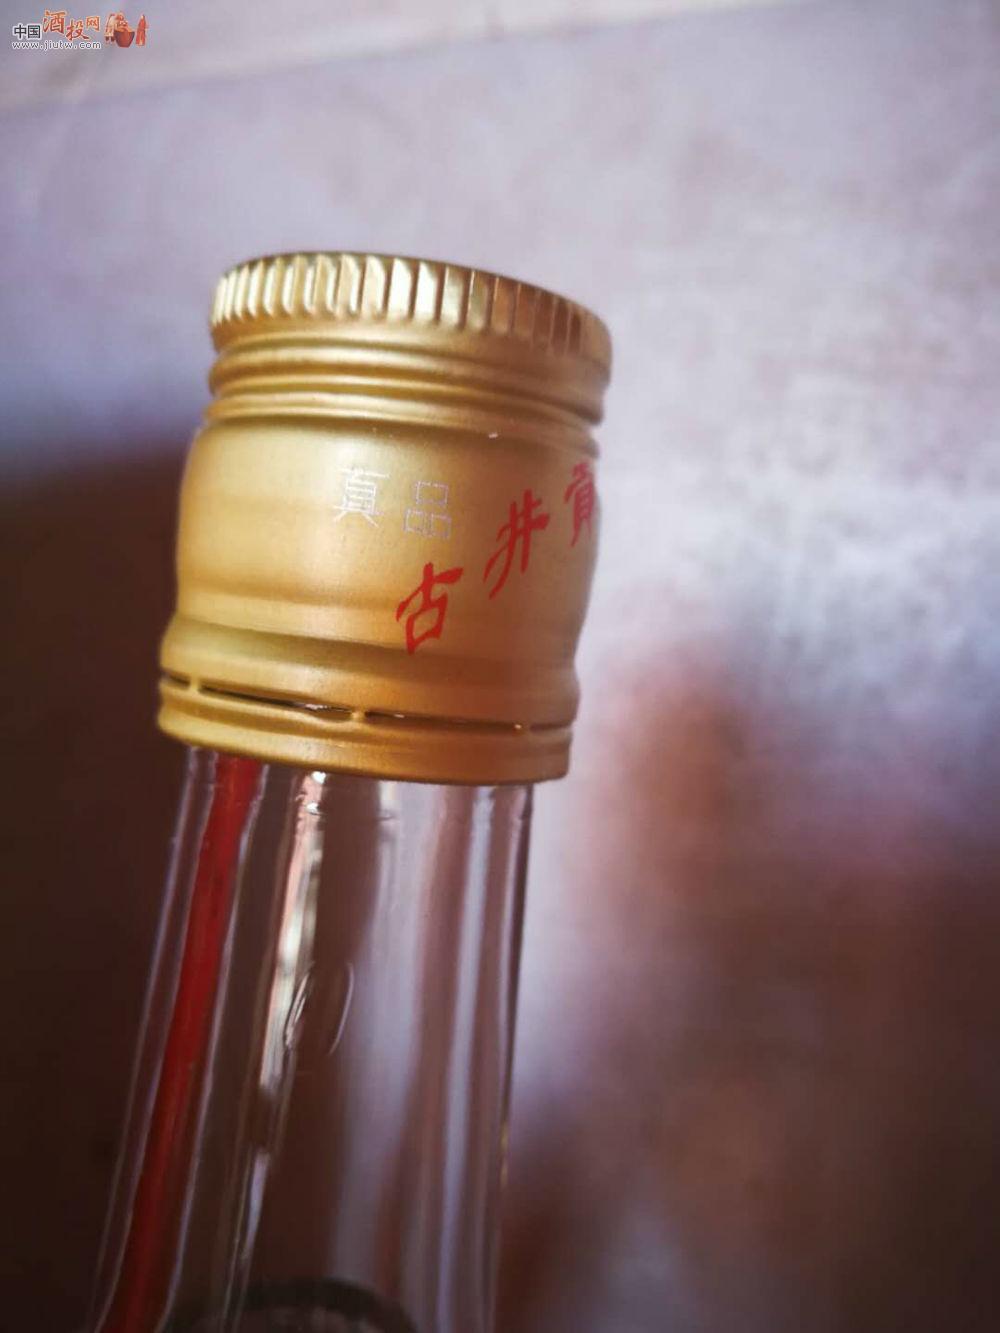 11年古井名酒40件带中国贡酒标志好看的中国标志logov古井图片素材图片